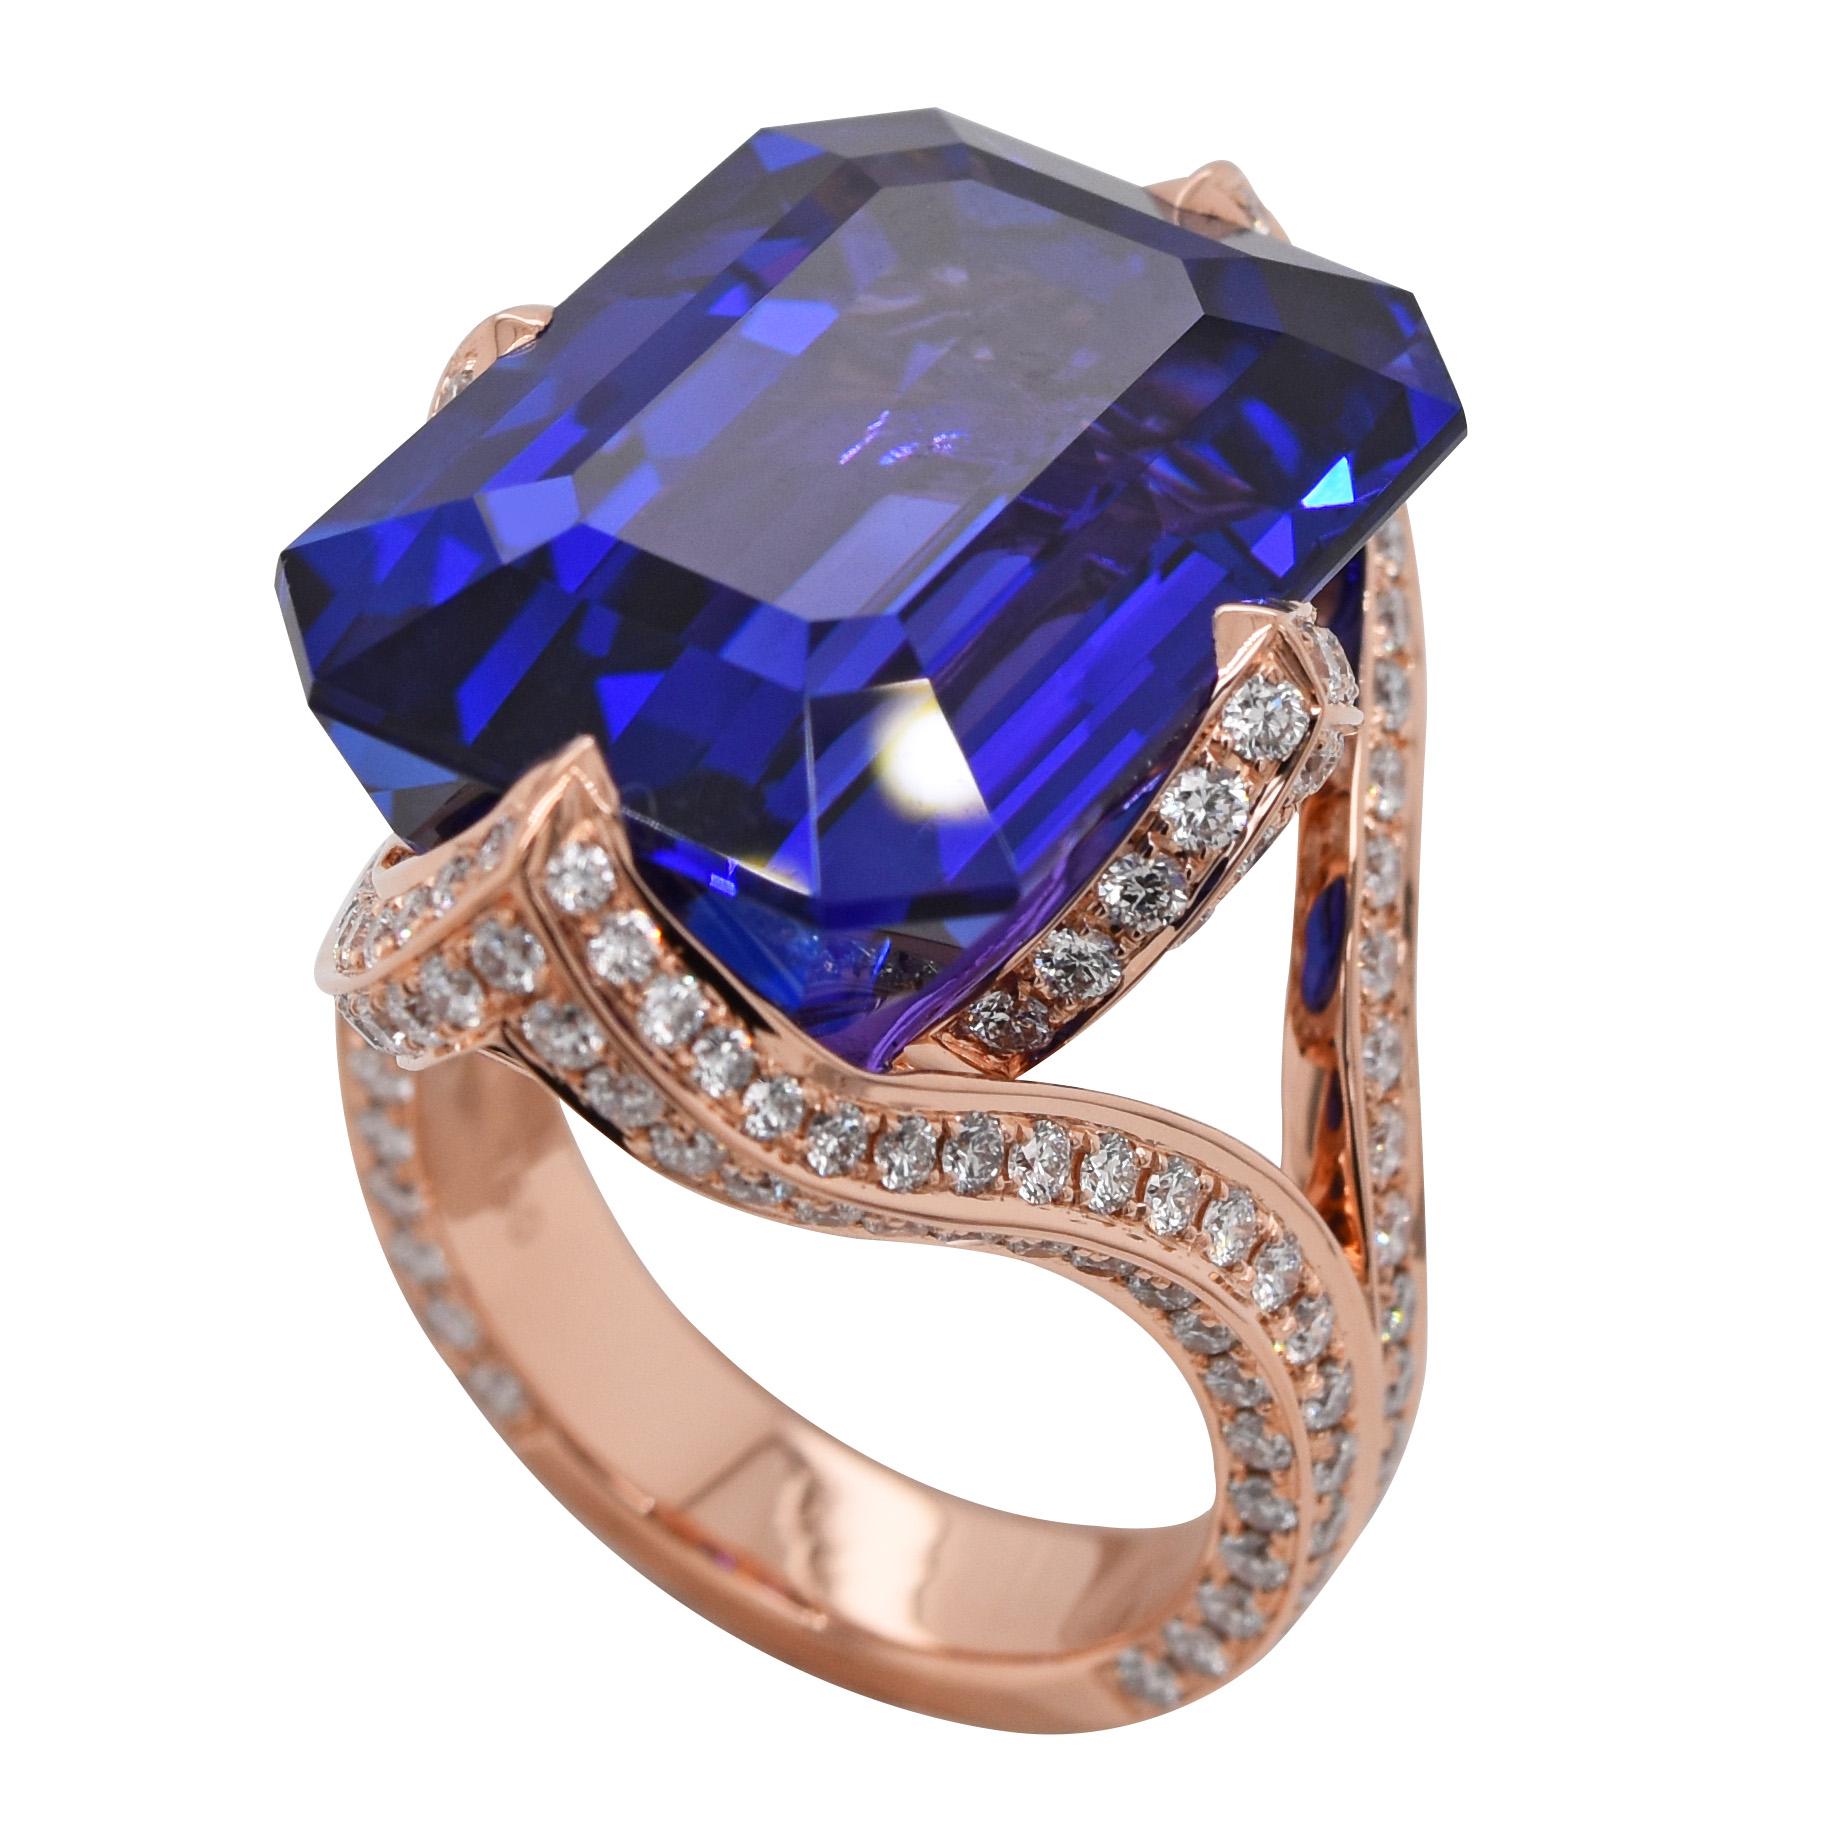 Bague tanzanite diamants or rose